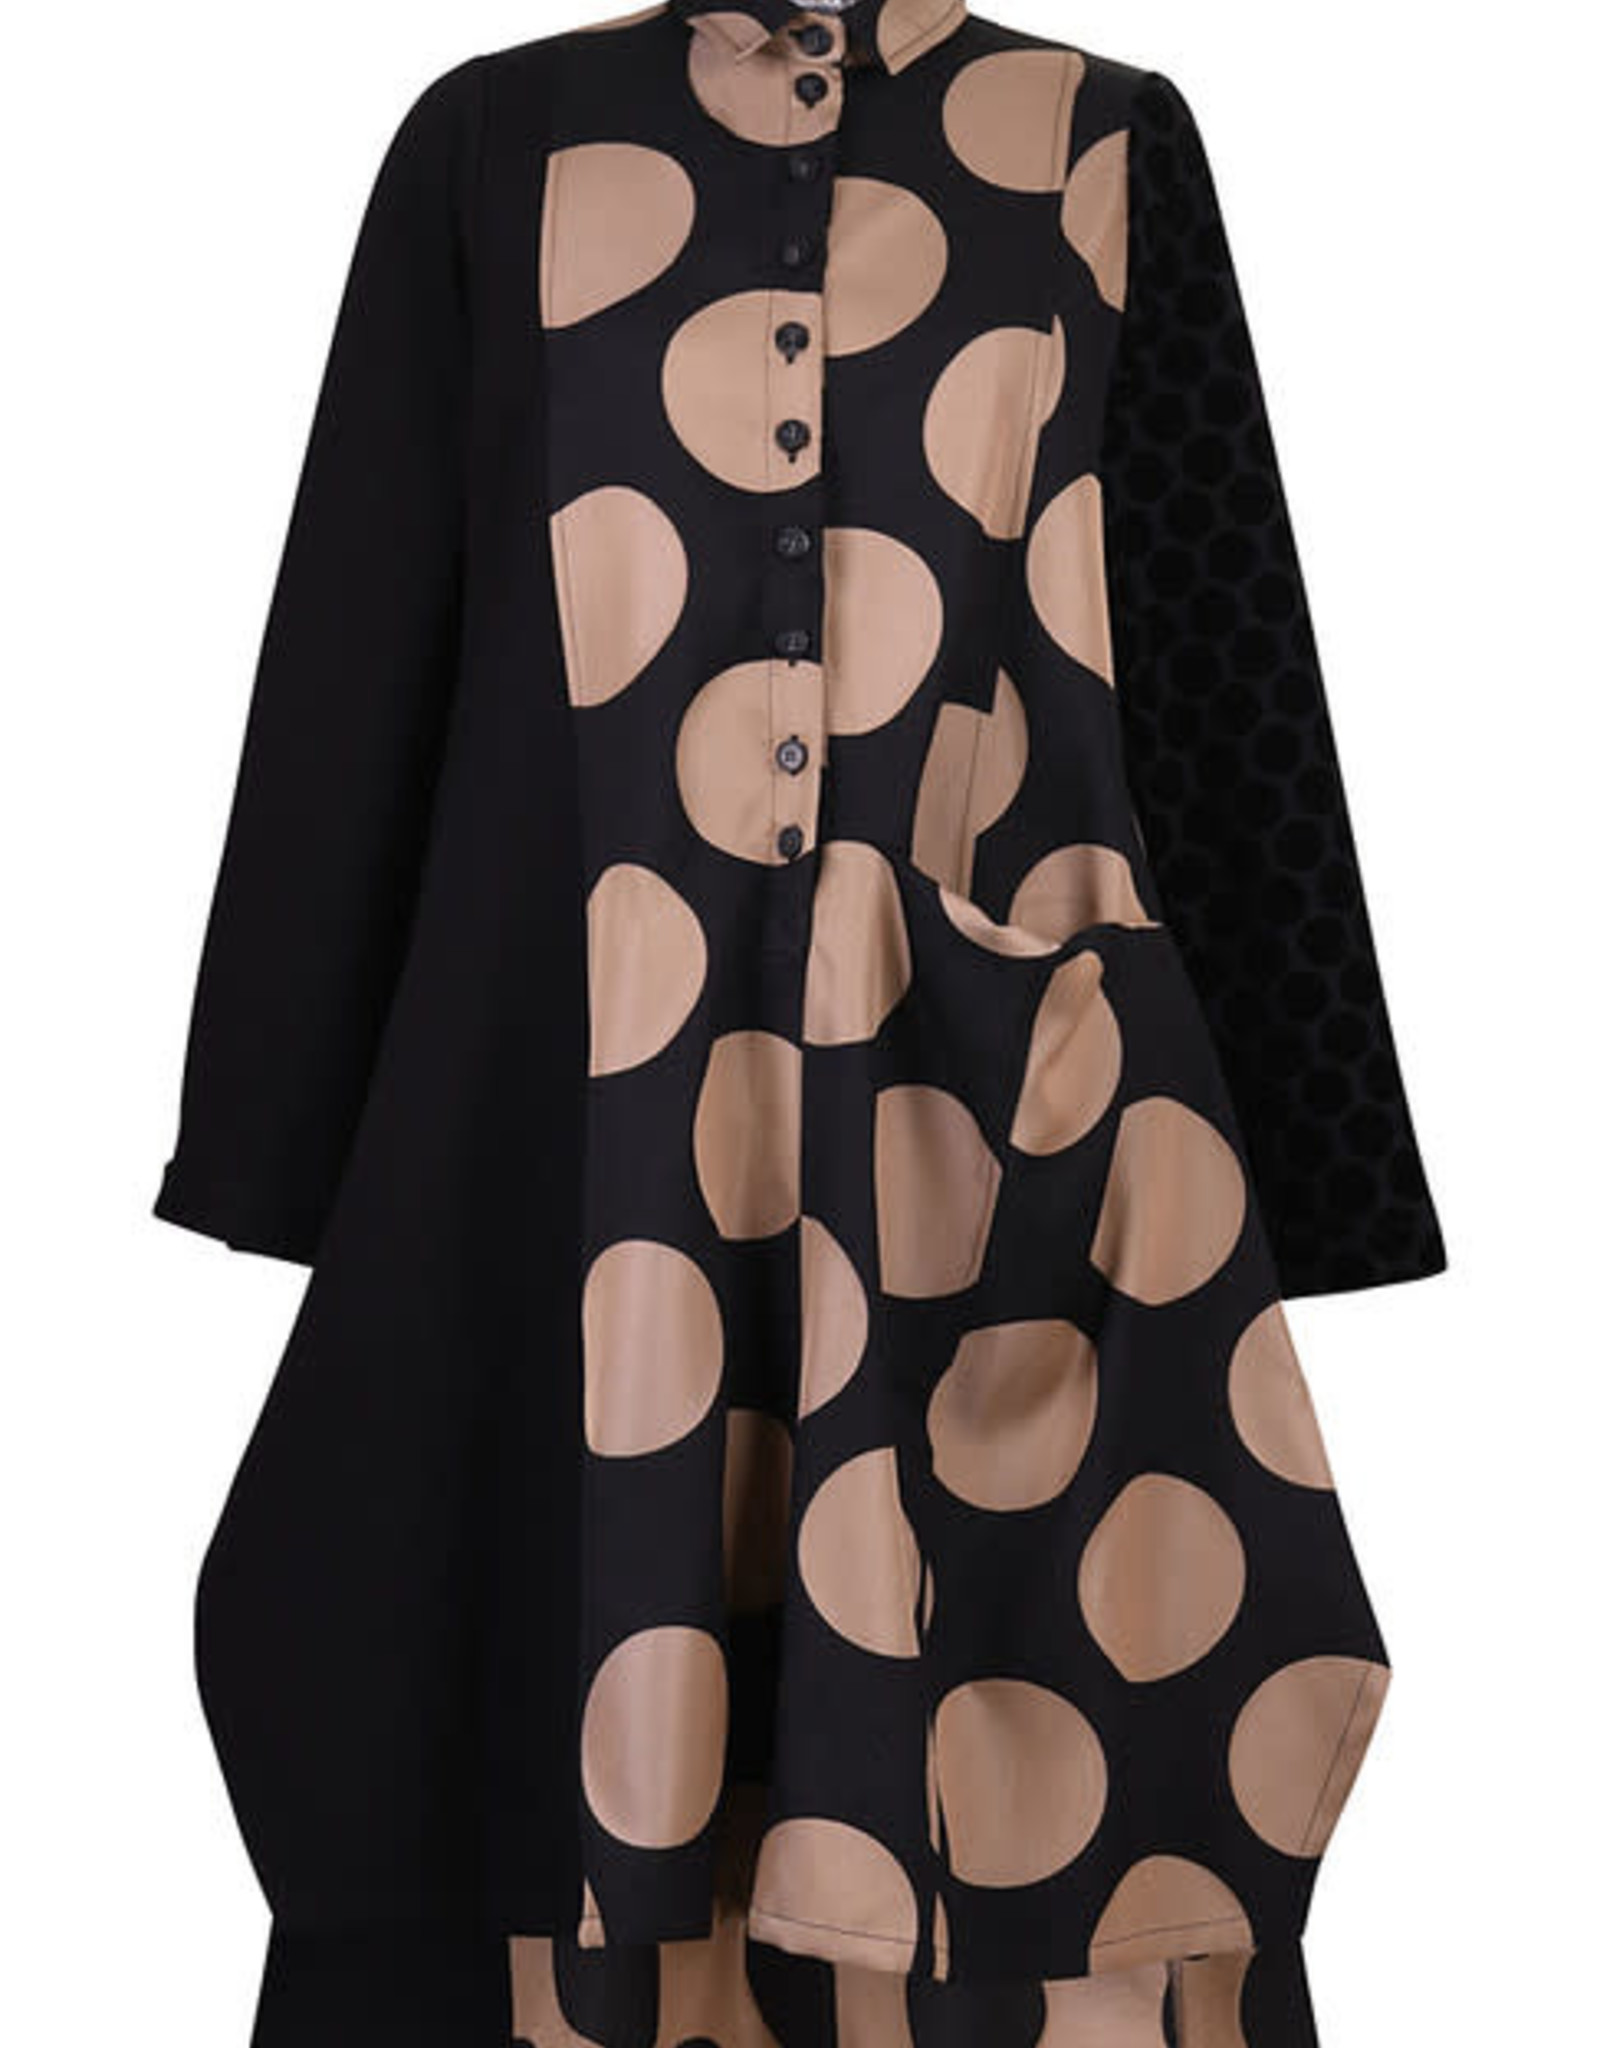 ALEMBIKA - Big Dots Dress